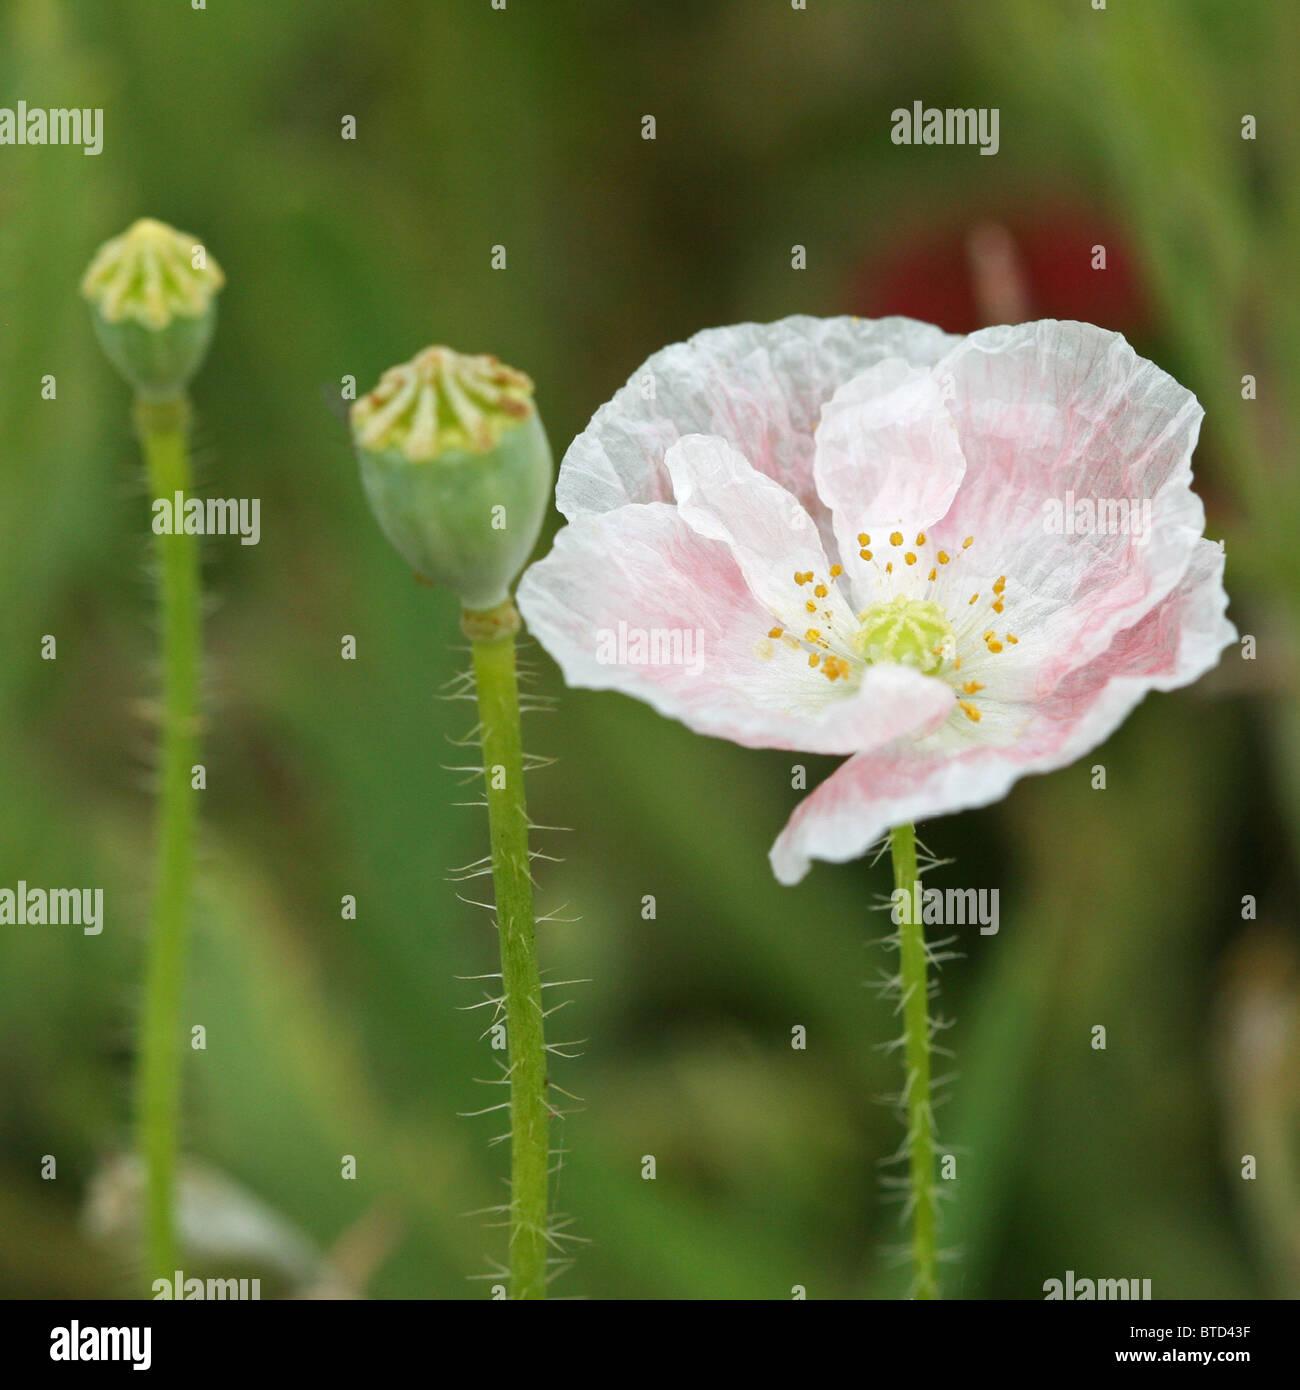 Poppy Like Flowers Imgenes De Stock Poppy Like Flowers Fotos De